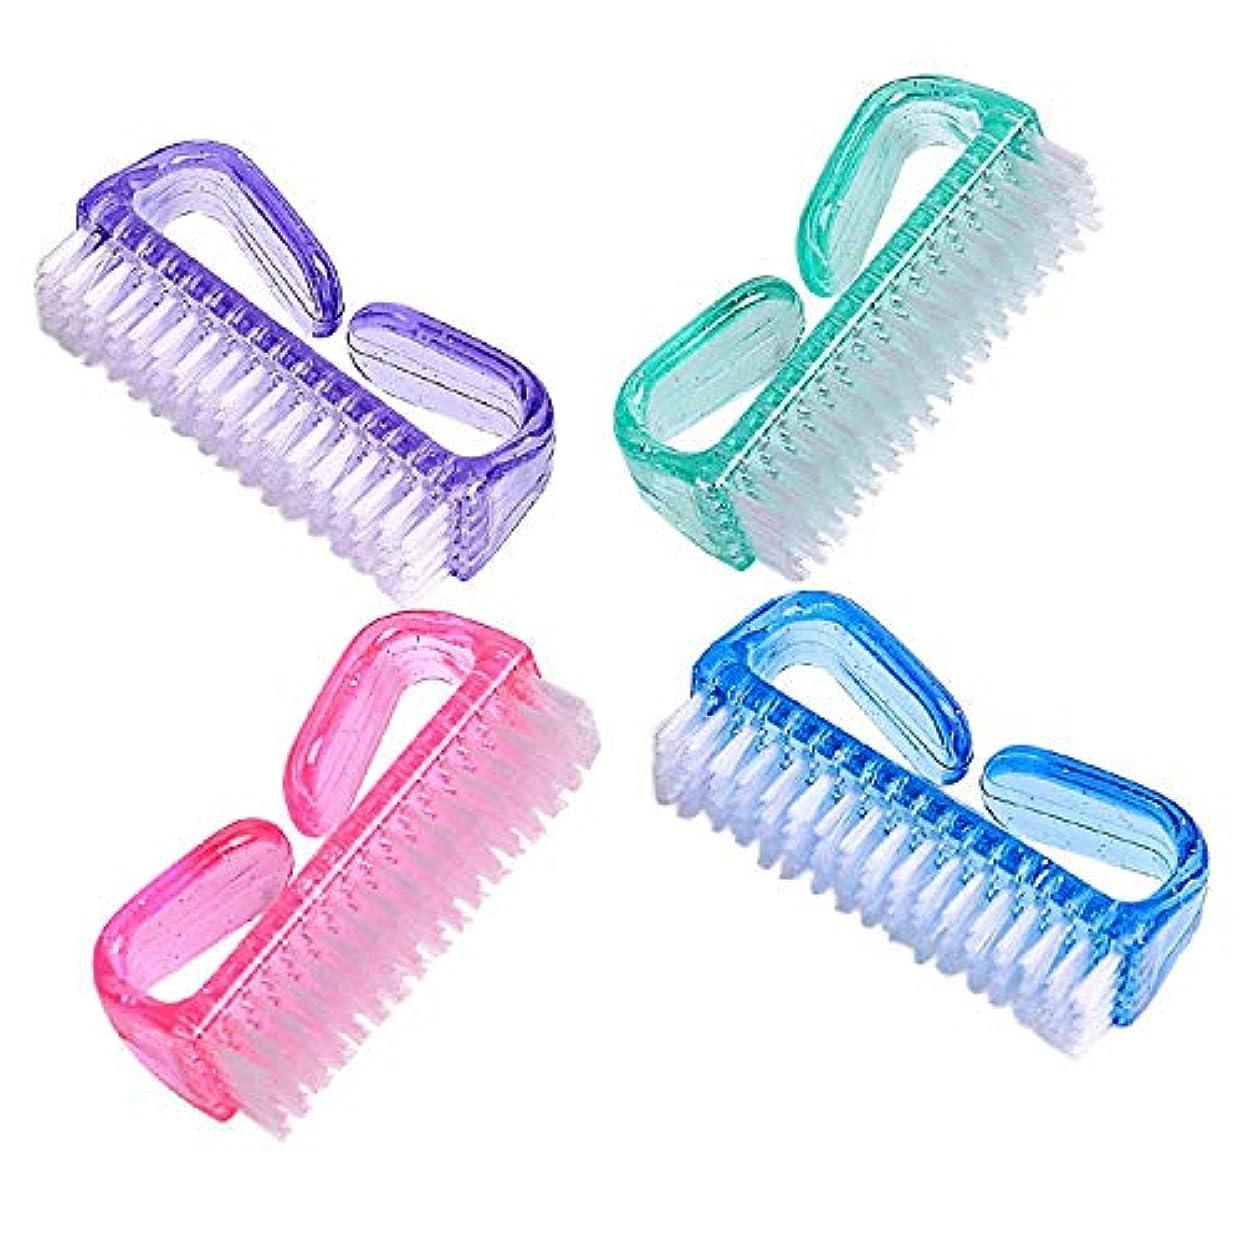 曲線範囲疑問に思う4ネイルブラシつま先のための爪のブラシの爪のブラシの洗剤の手のスクラブのクリーニングブラシを扱います